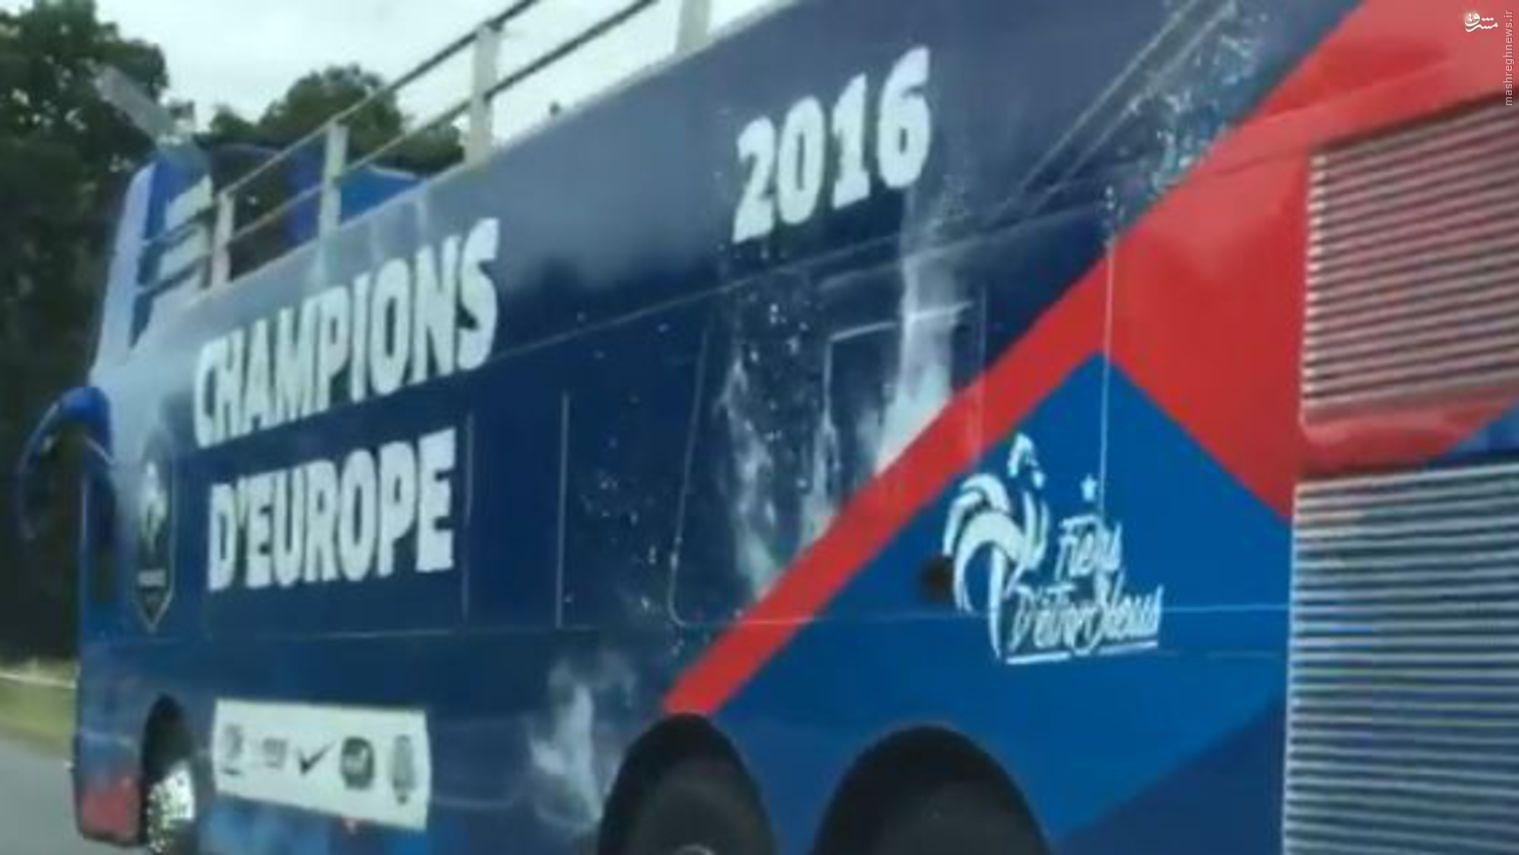 عکس/ فرانسه اتوبوس قهرمانیاش را هم آماده کرده است